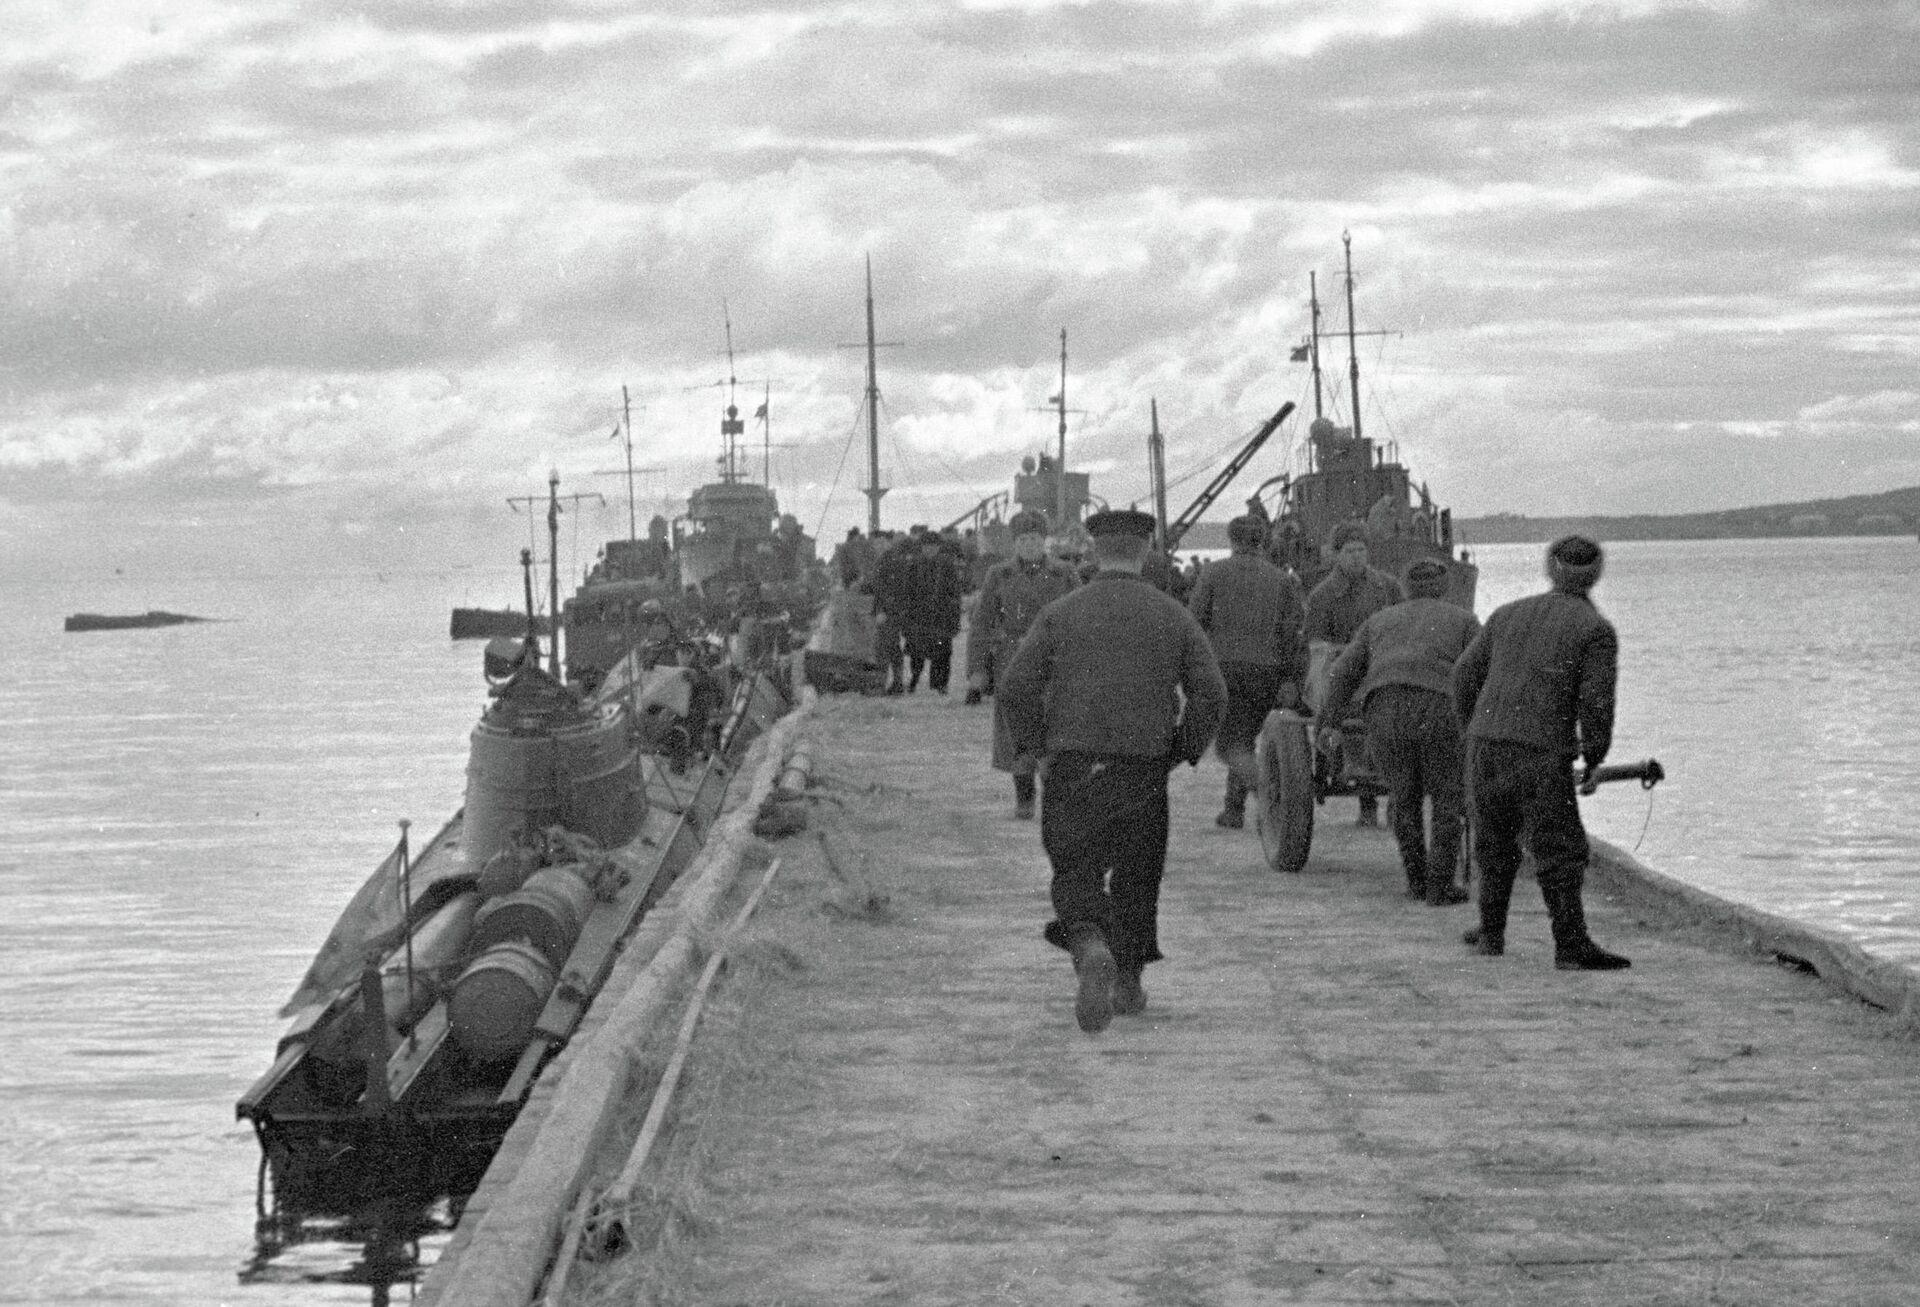 Десант морской пехоты готовится к высадке в районе Новороссийска - РИА Новости, 1920, 26.11.2020